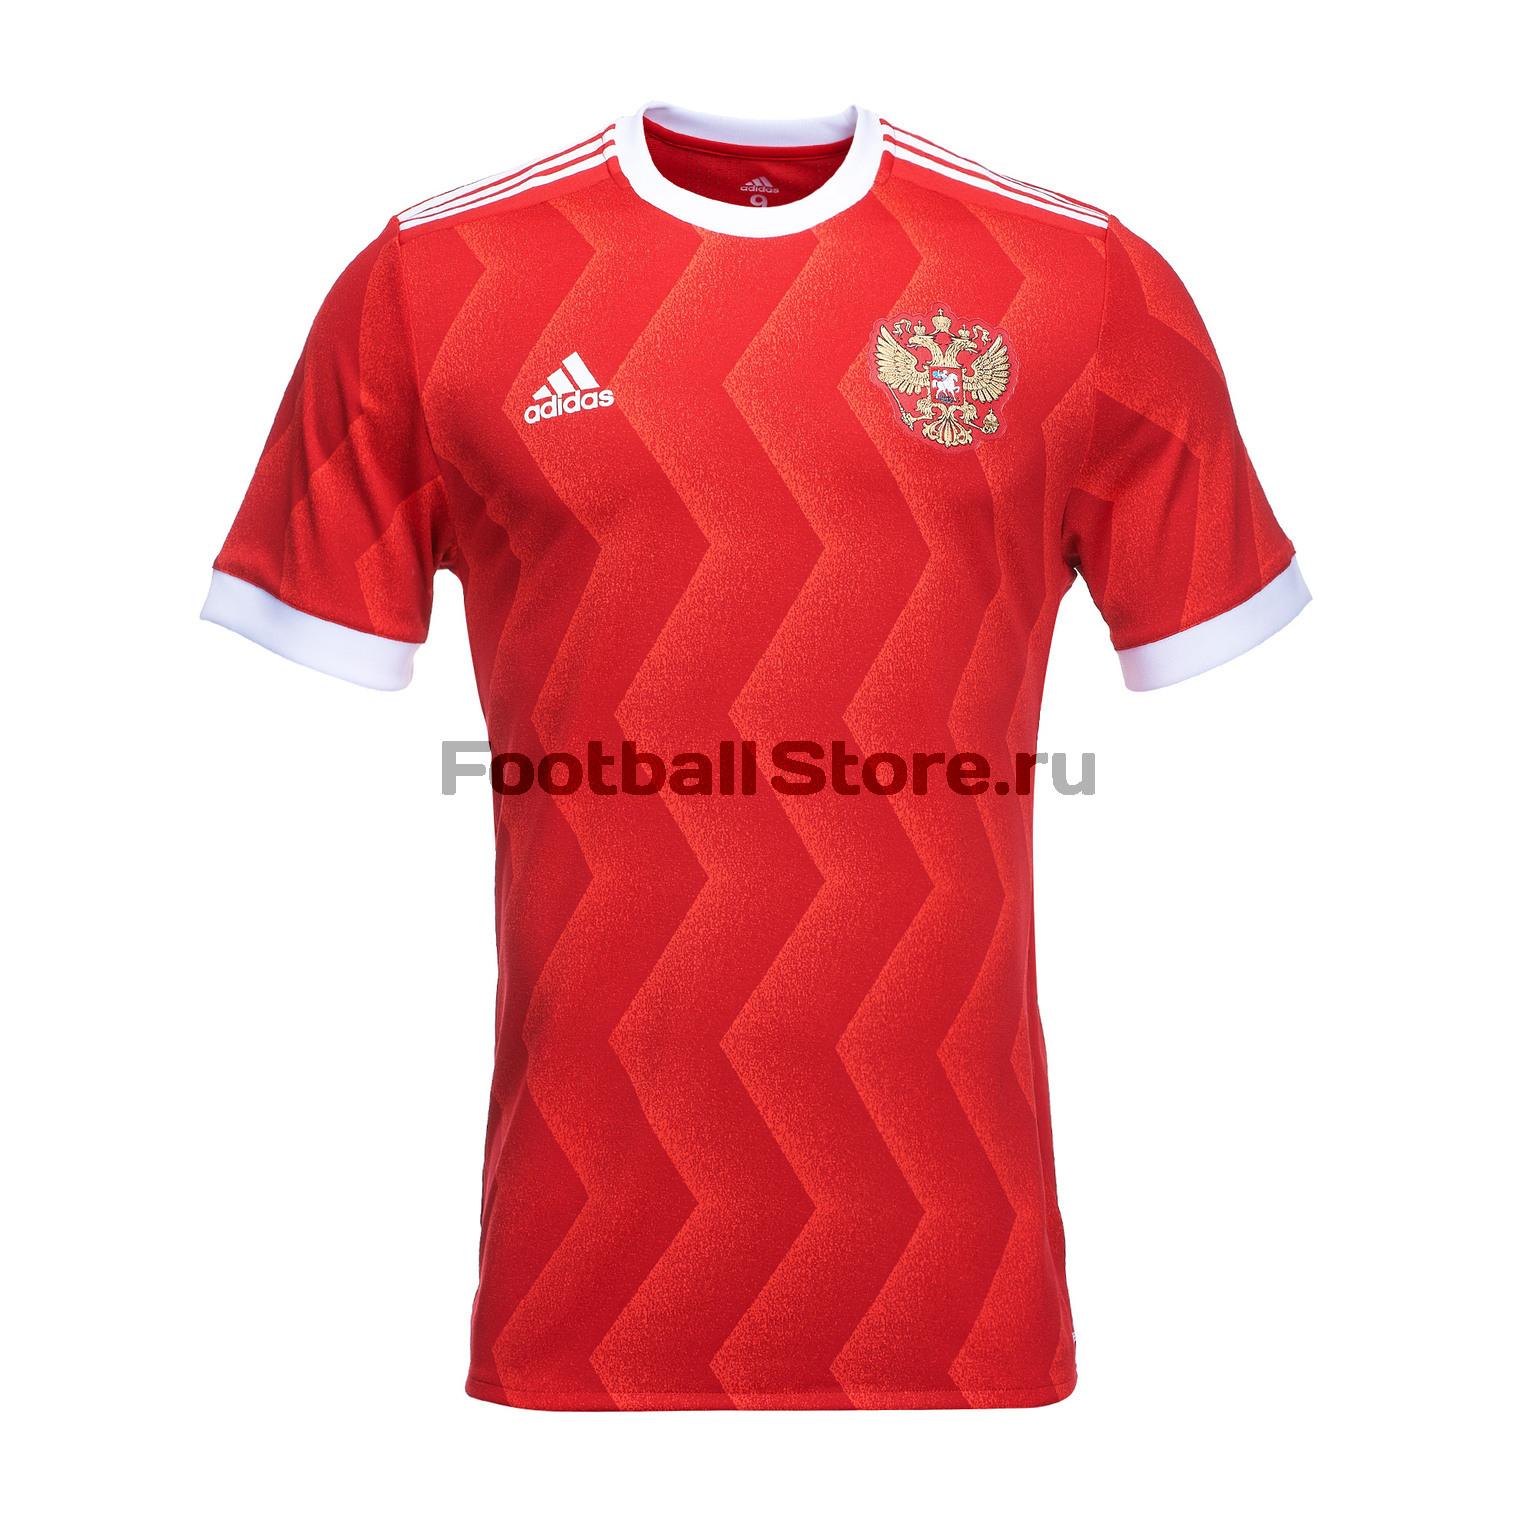 Оригинальная игровая футболка Adidas сборной России BR6579